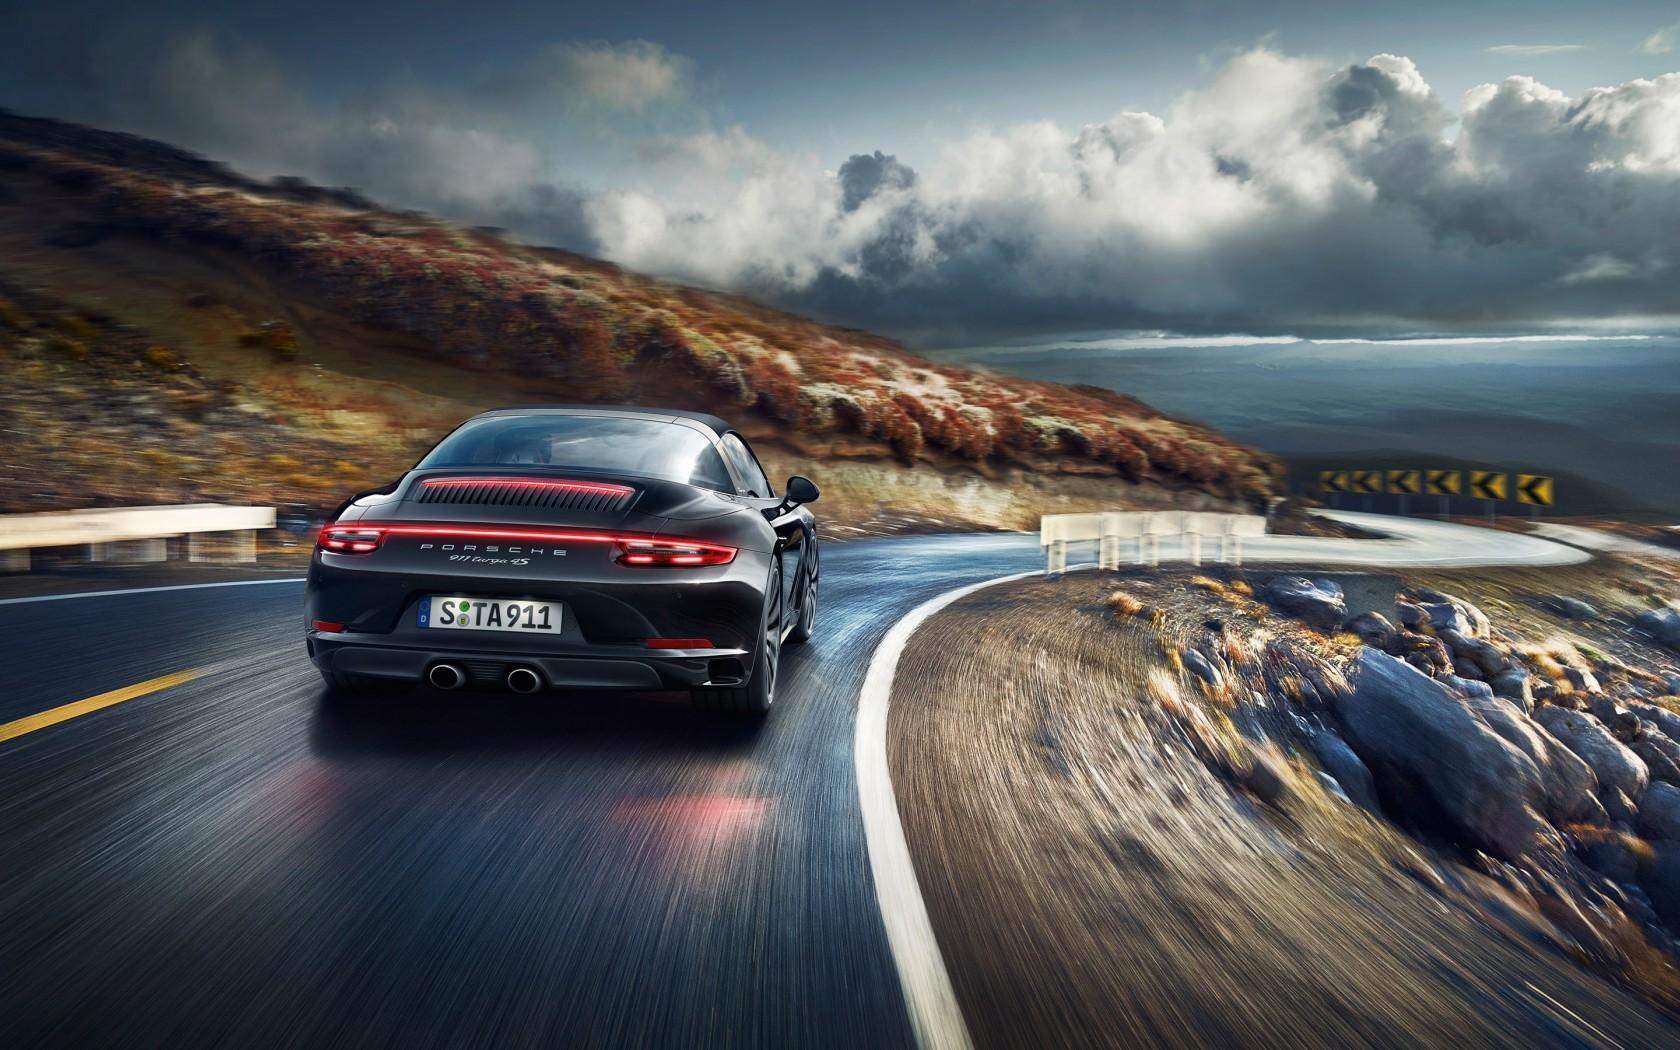 Porsche 911 Wallpaper 4k 3244213 Hd Wallpaper Backgrounds Download